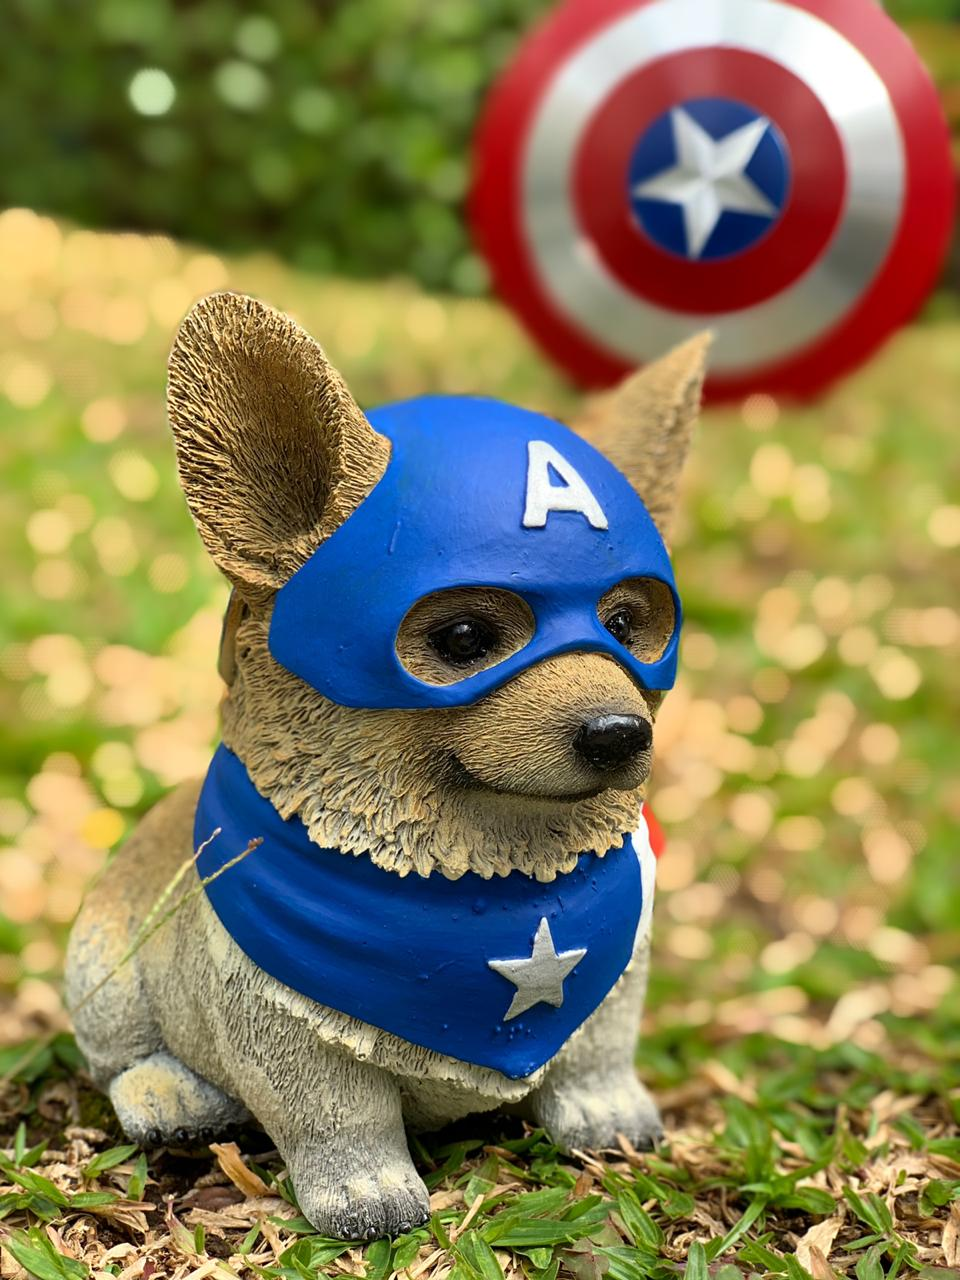 Estátua Pet Heroes Capitão América (Captain America): Vingadores (Avengers)